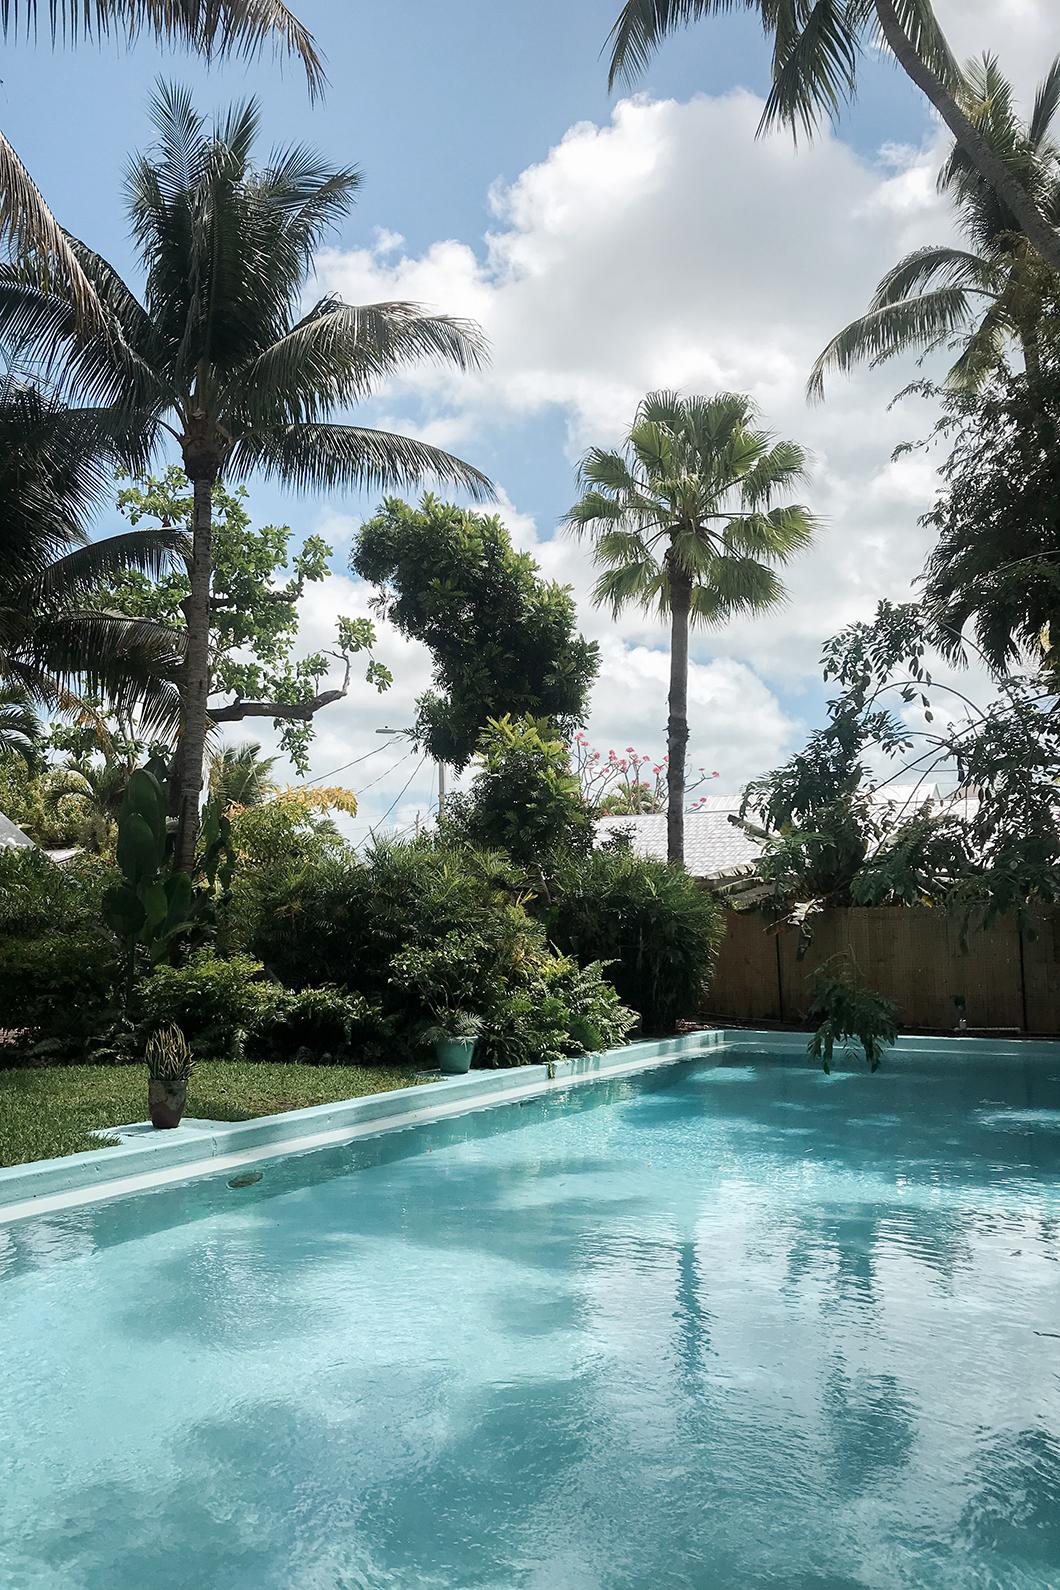 Découvrir la maison d'Ernest Hemingway - 2 jours dans les Keys